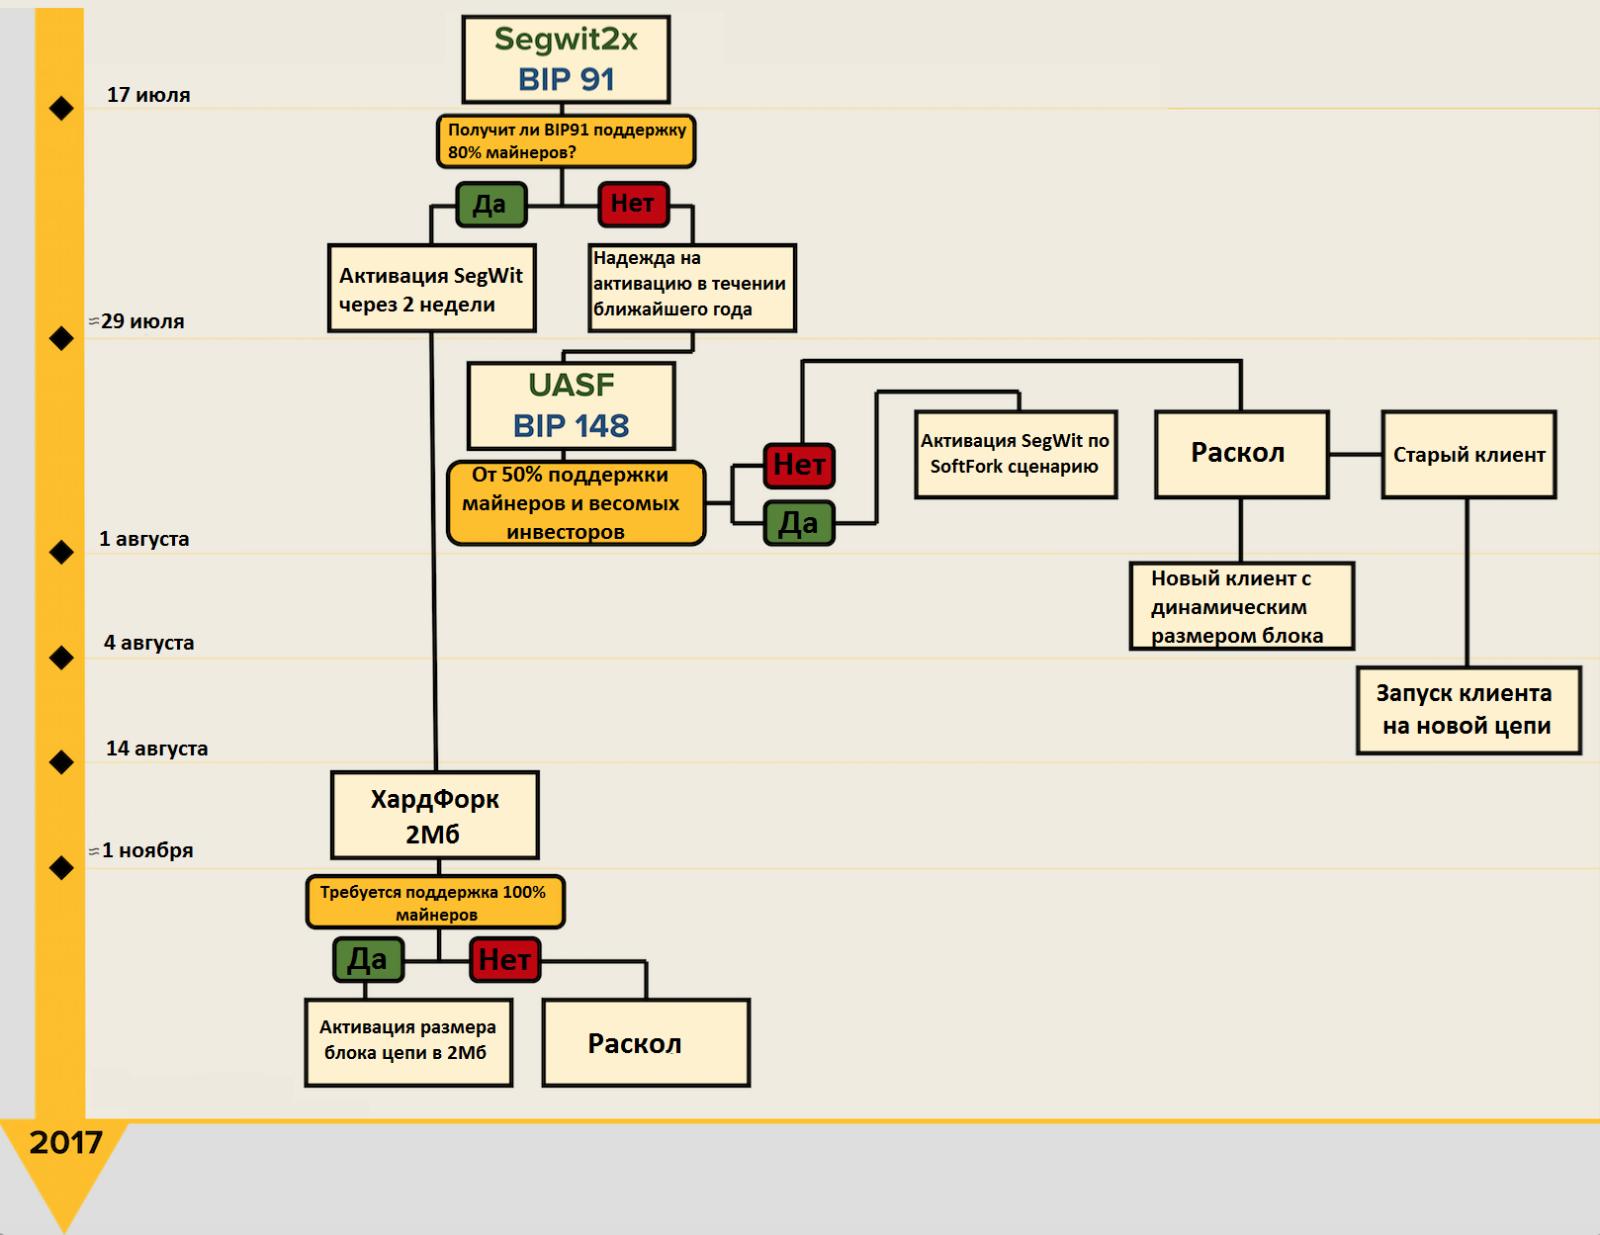 Что такое активируемый пользователями софтфорк (UASF)?